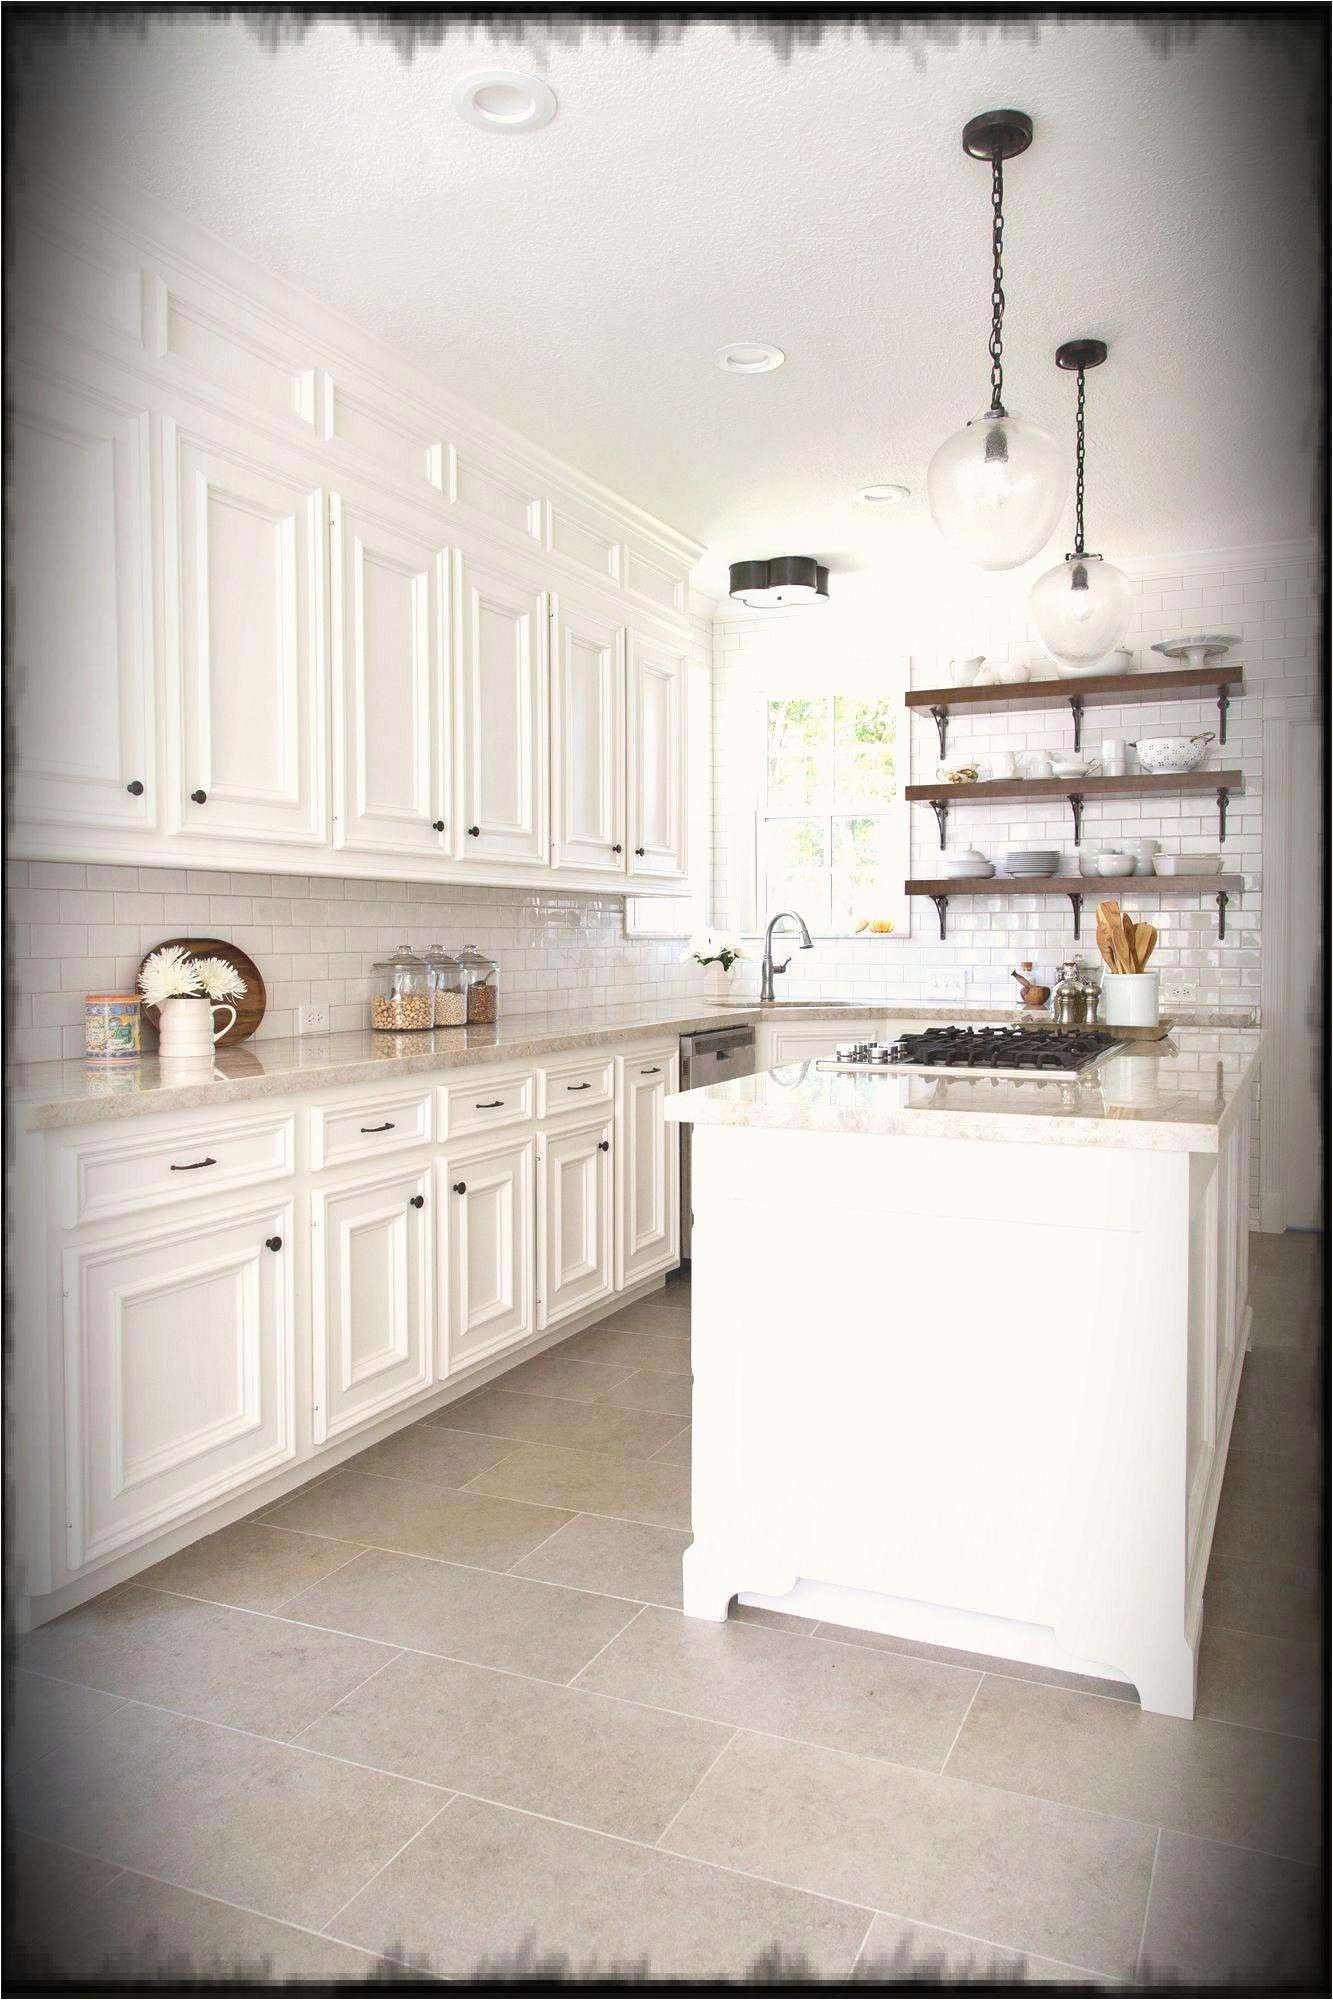 Flooring Ideas for Kitchen Tile Kitchen Floor Ideas Marvelous Cheap Vinyl Floor Tiles Floor